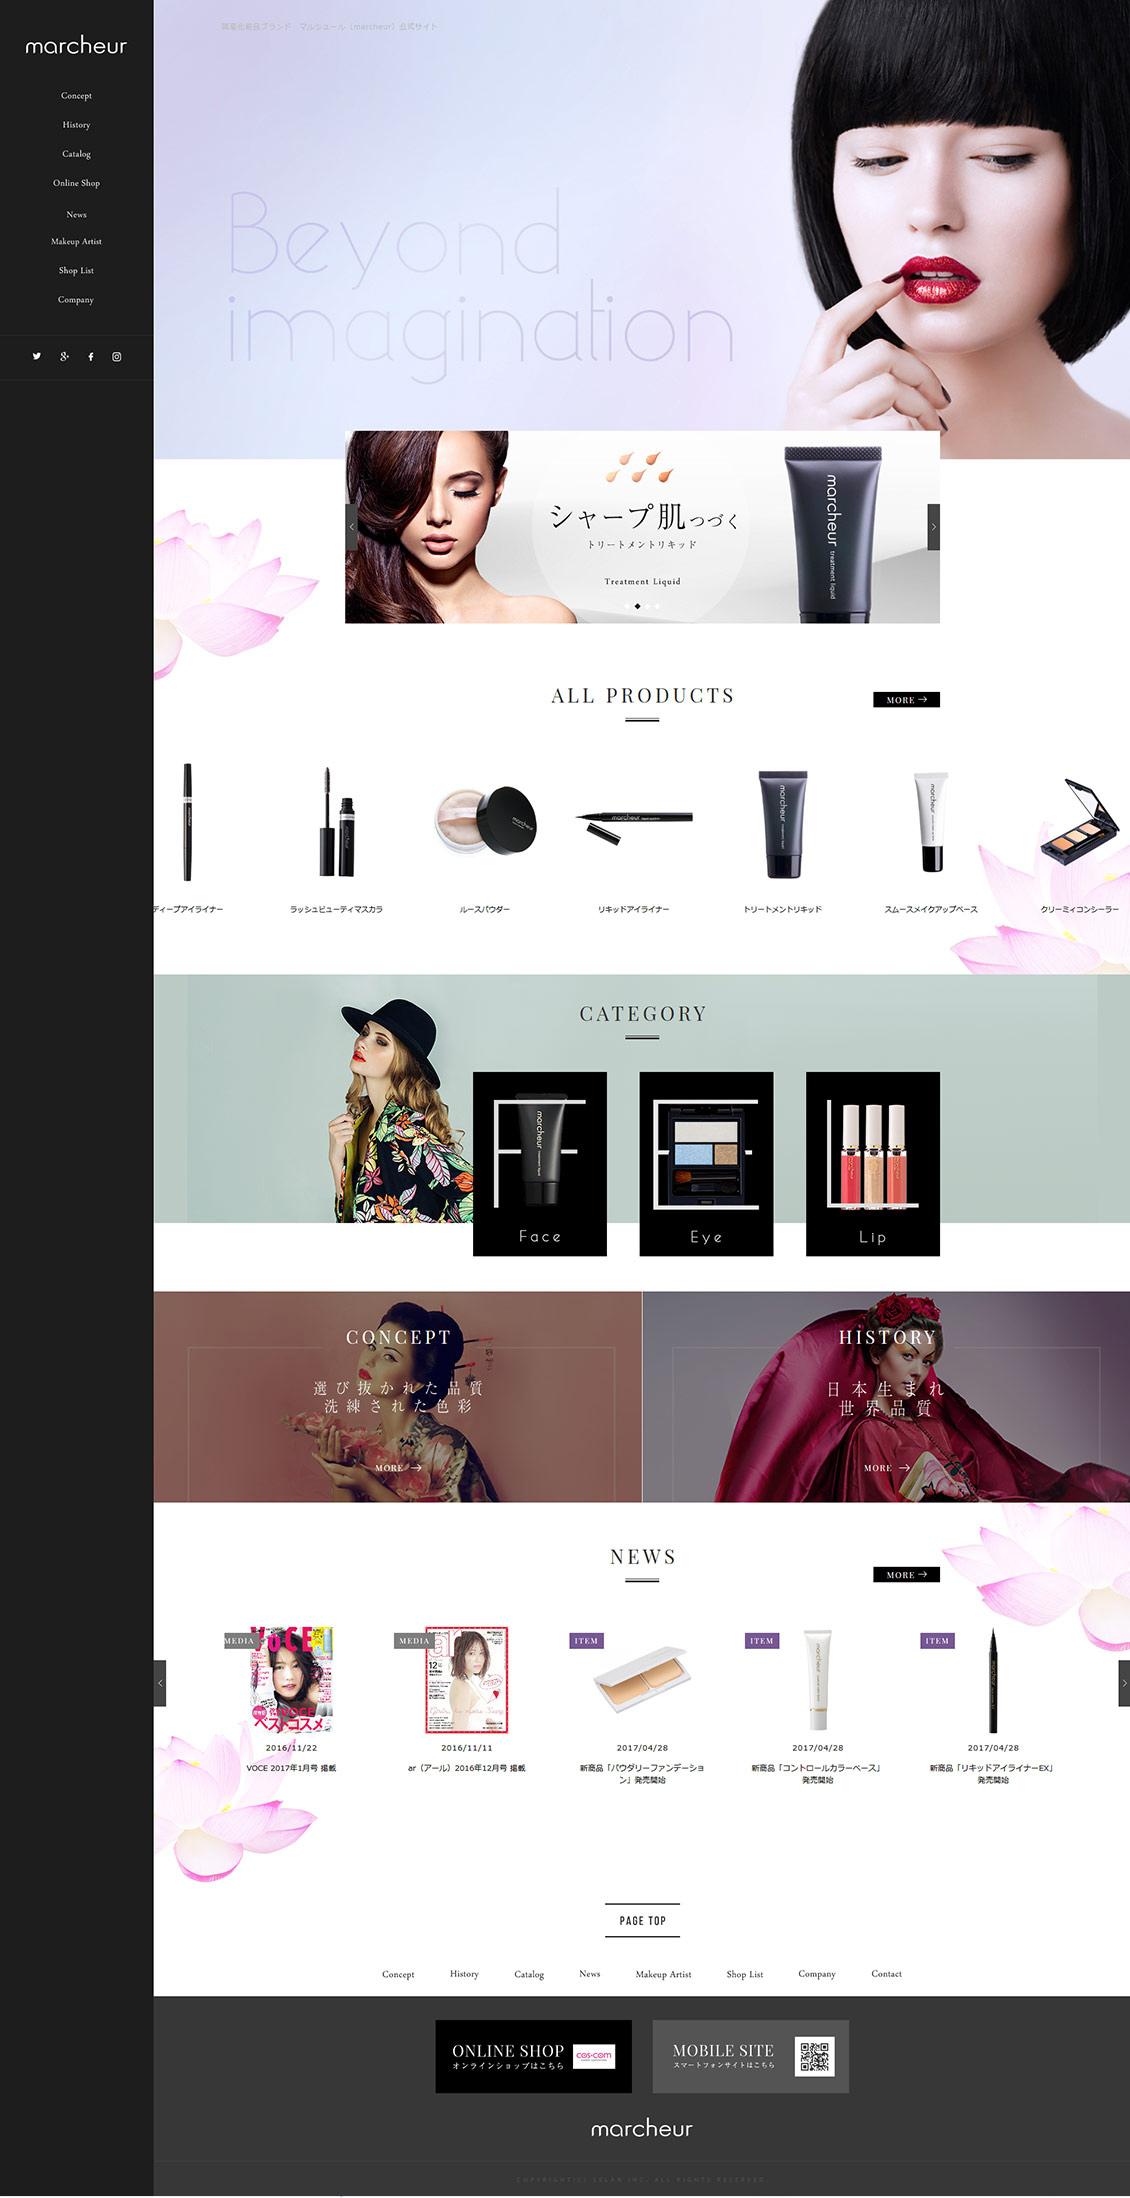 日本化妆品品牌网站设计案例欣赏